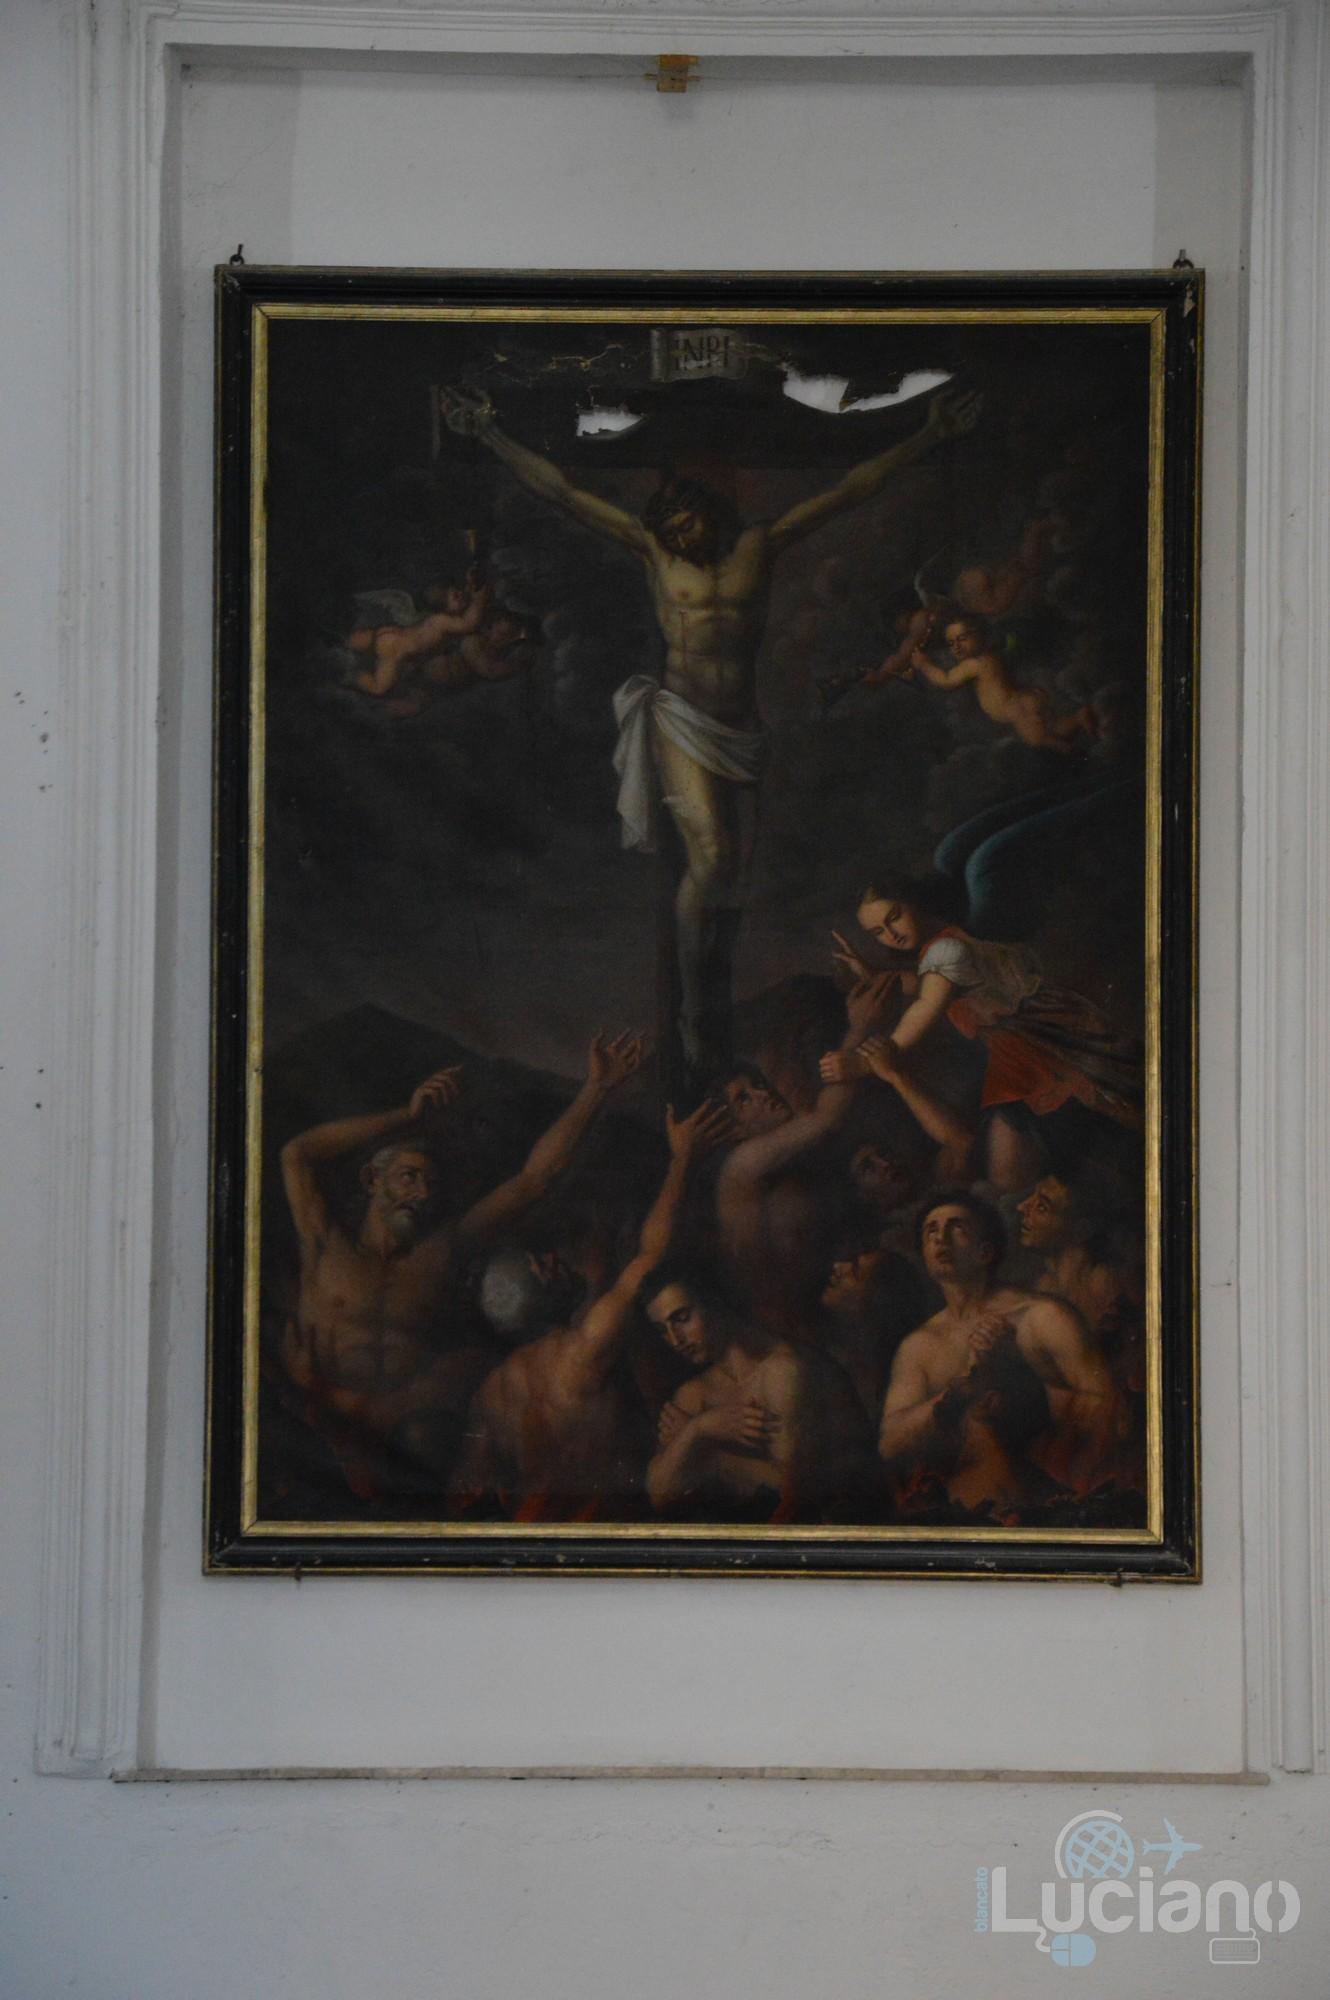 Chiesa delle Anime Purganti a Petralia Soprana - Palermo -  I Borghi più belli d'Italia - Borgo più bello d'Italia 2018